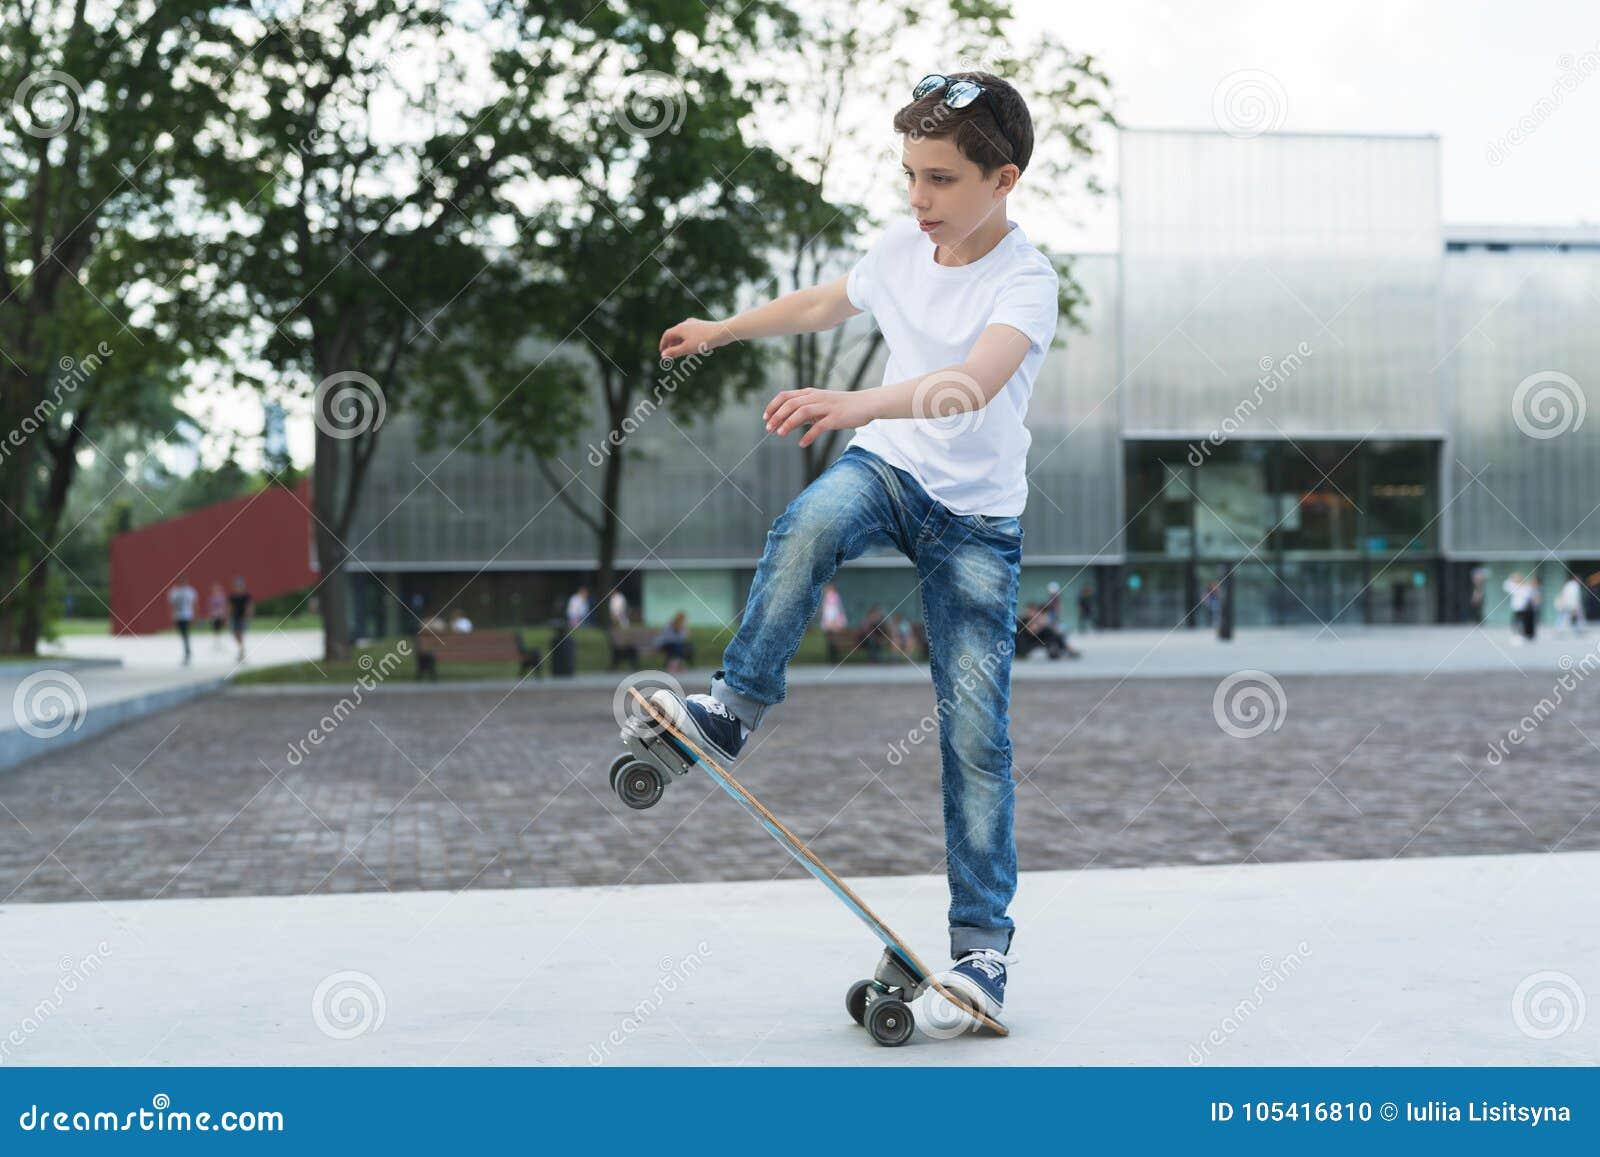 Arbre dans le domaine Le garçon est un adolescent habillé dans un T-shirt blanc et les jeans, patinage, faisant dupe